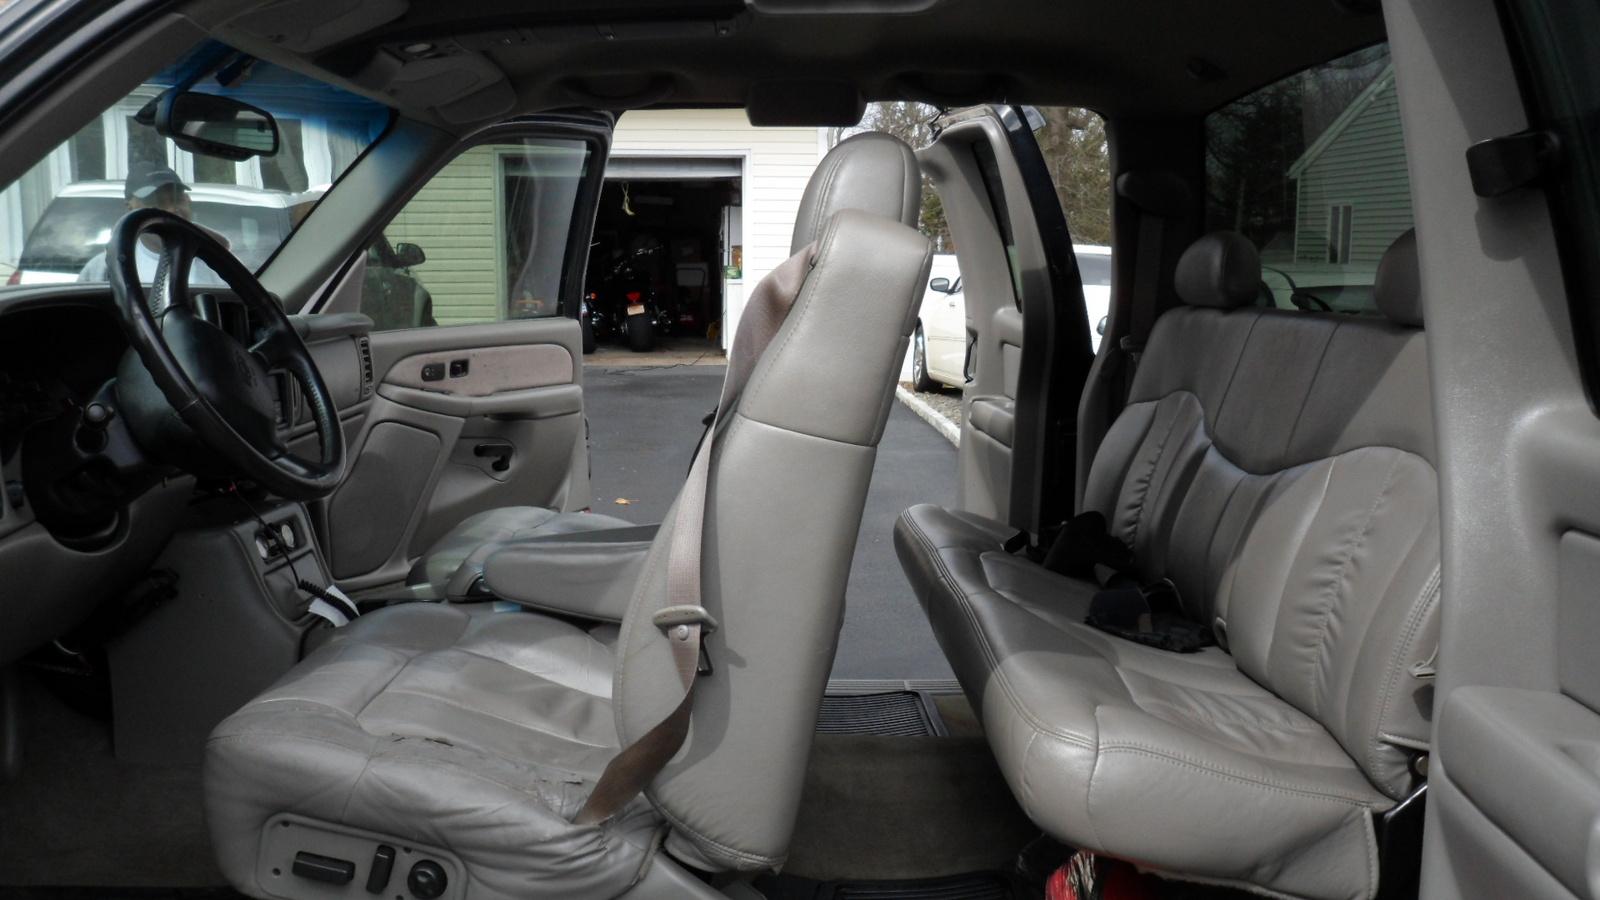 2007 Chevrolet Silverado 1500 Extended Cab >> 2001 Chevrolet Silverado 2500HD - Pictures - CarGurus